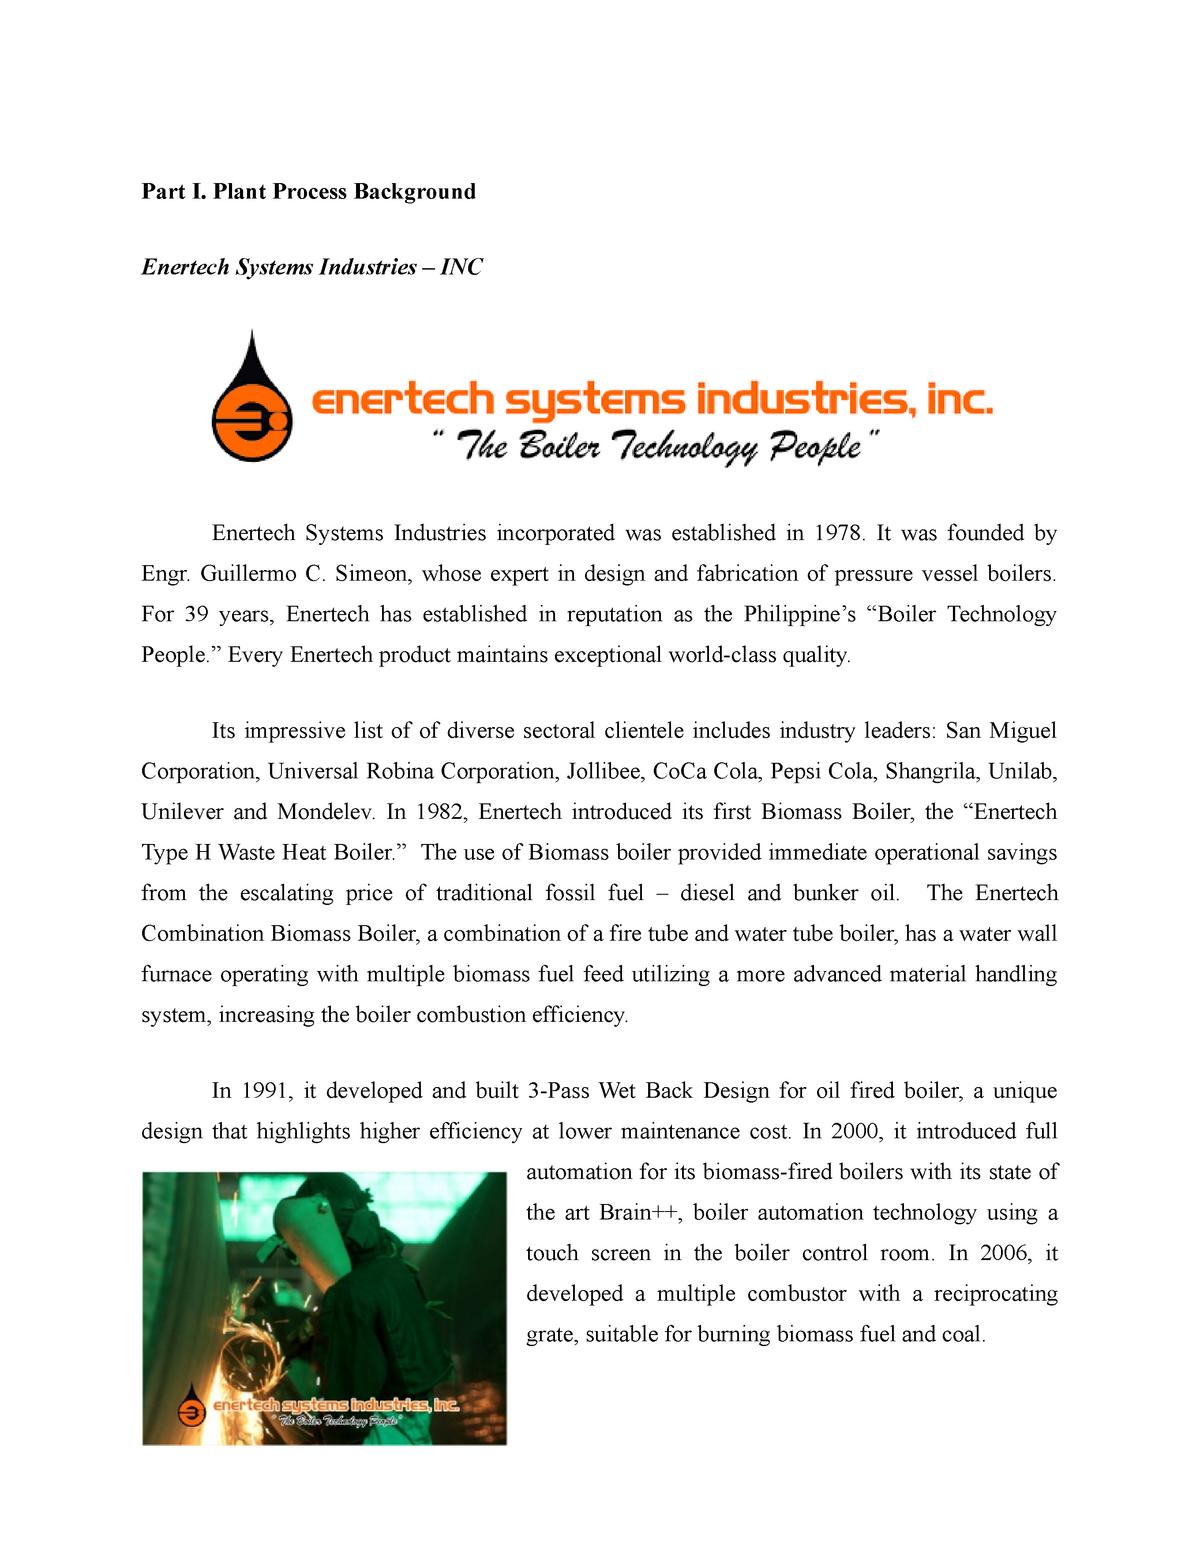 Enertech - 032797: Engineering - StuDocu